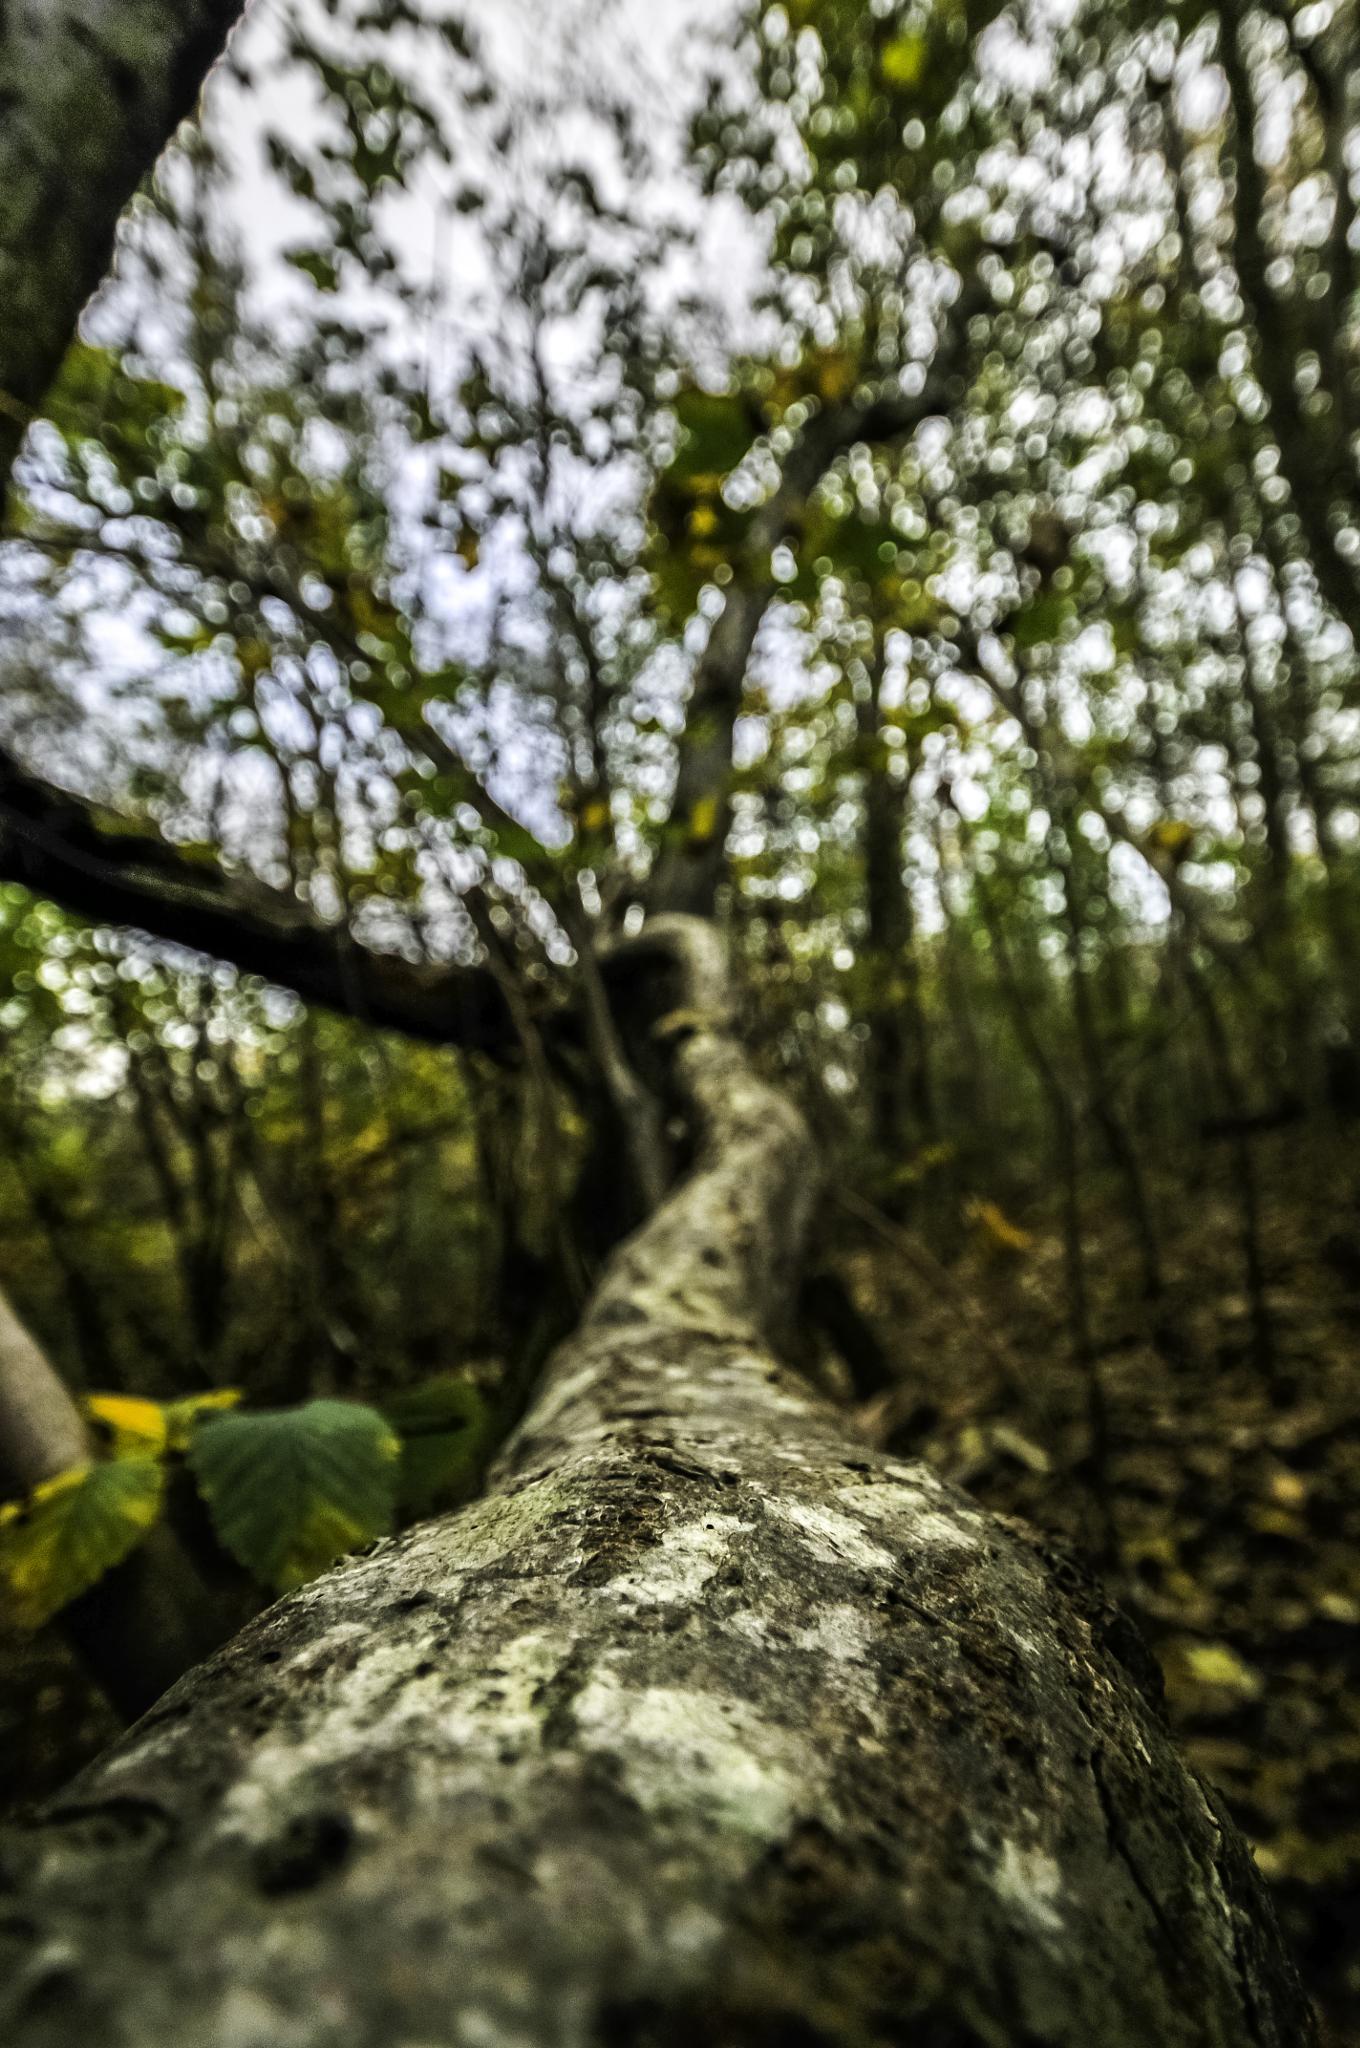 Toppled tree by Steen Skov